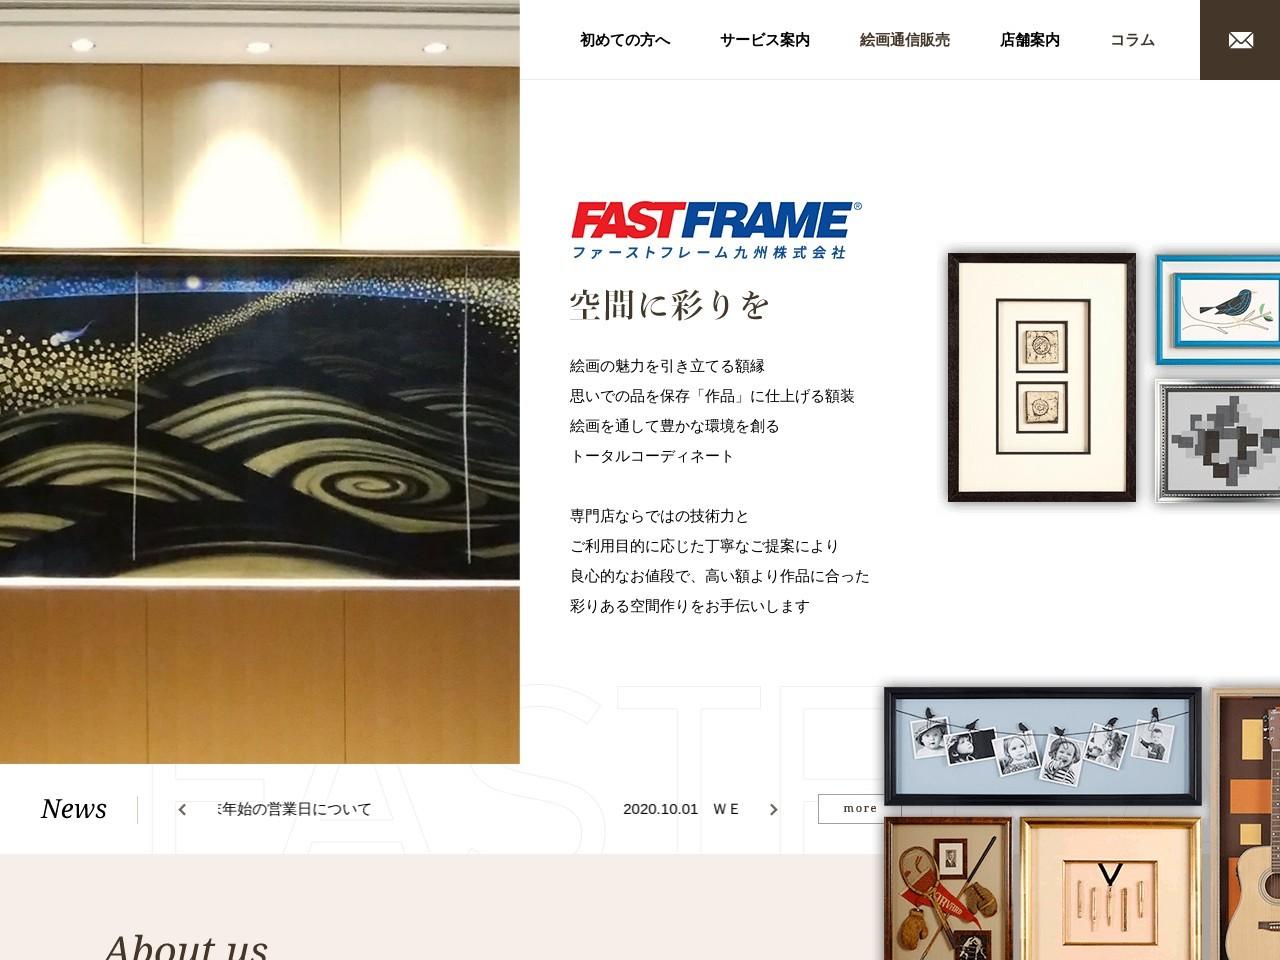 ファーストフレーム九州株式会社